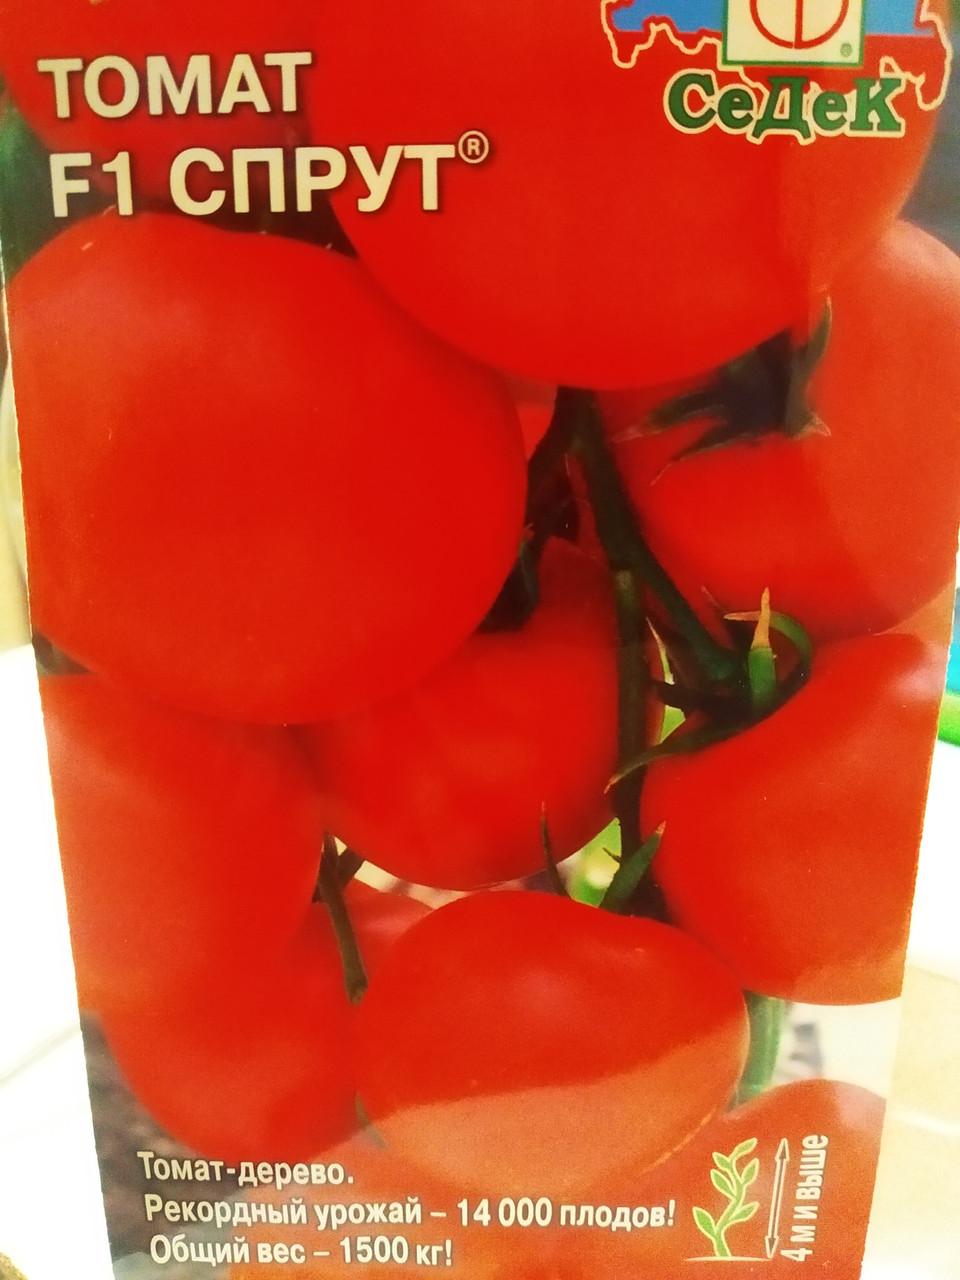 Семена томата Спрут F1 гибрид томат дерево 4 метра круглые красные плоды 0,03 грамм семян Седек